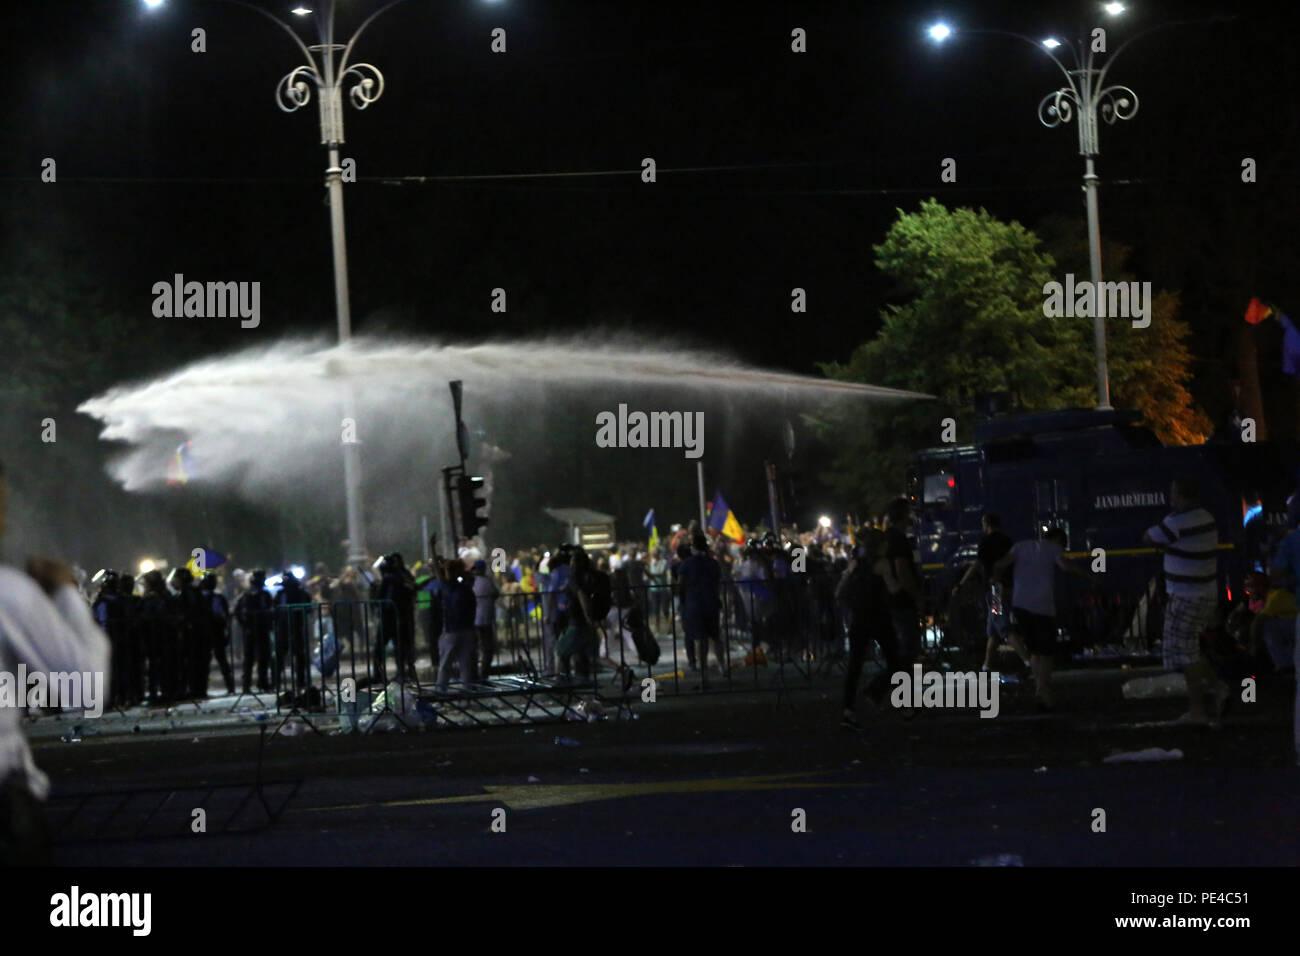 Bucarest, Roumanie - 10 août 2018: les canons à eau sont utilisés au cours de la violente manifestation de protestation contre le gouvernement de Bucarest. Photo Stock